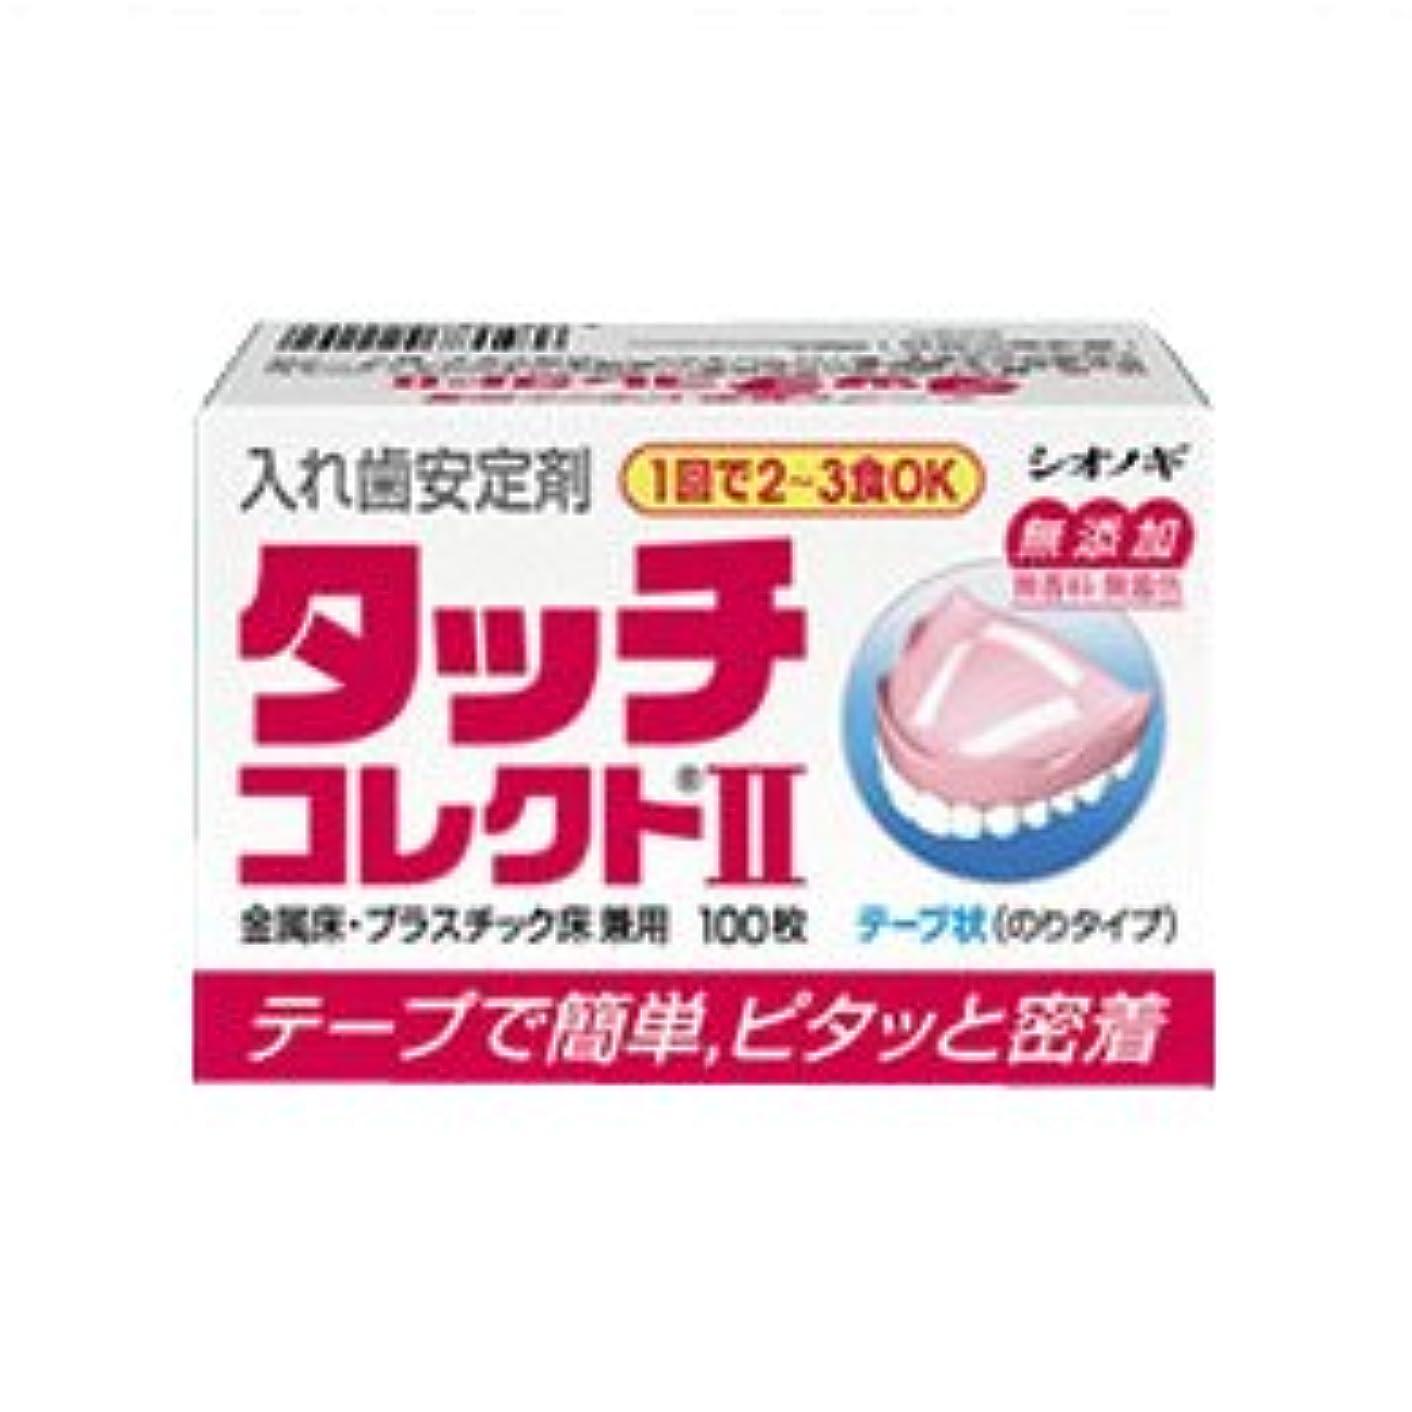 出血クラブサージシオノギ製薬 タッチコレクト2 テープ状 のりタイプ 100枚入